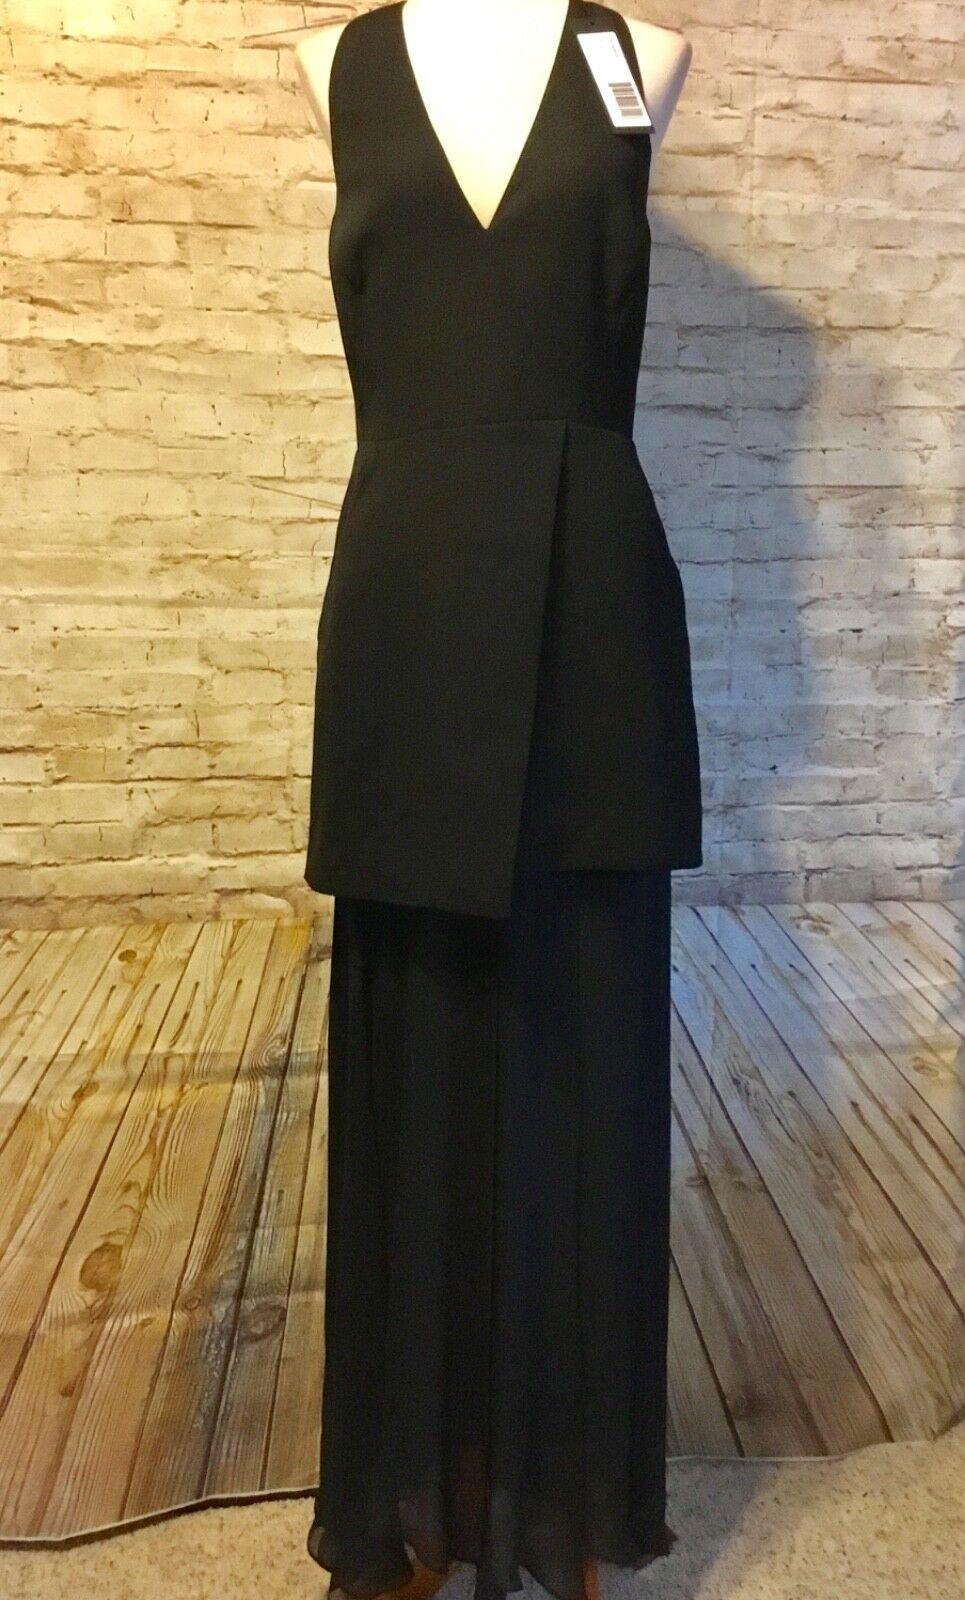 HALSTON HERITAGE schwarz Formal Maxi Dress Größe 10